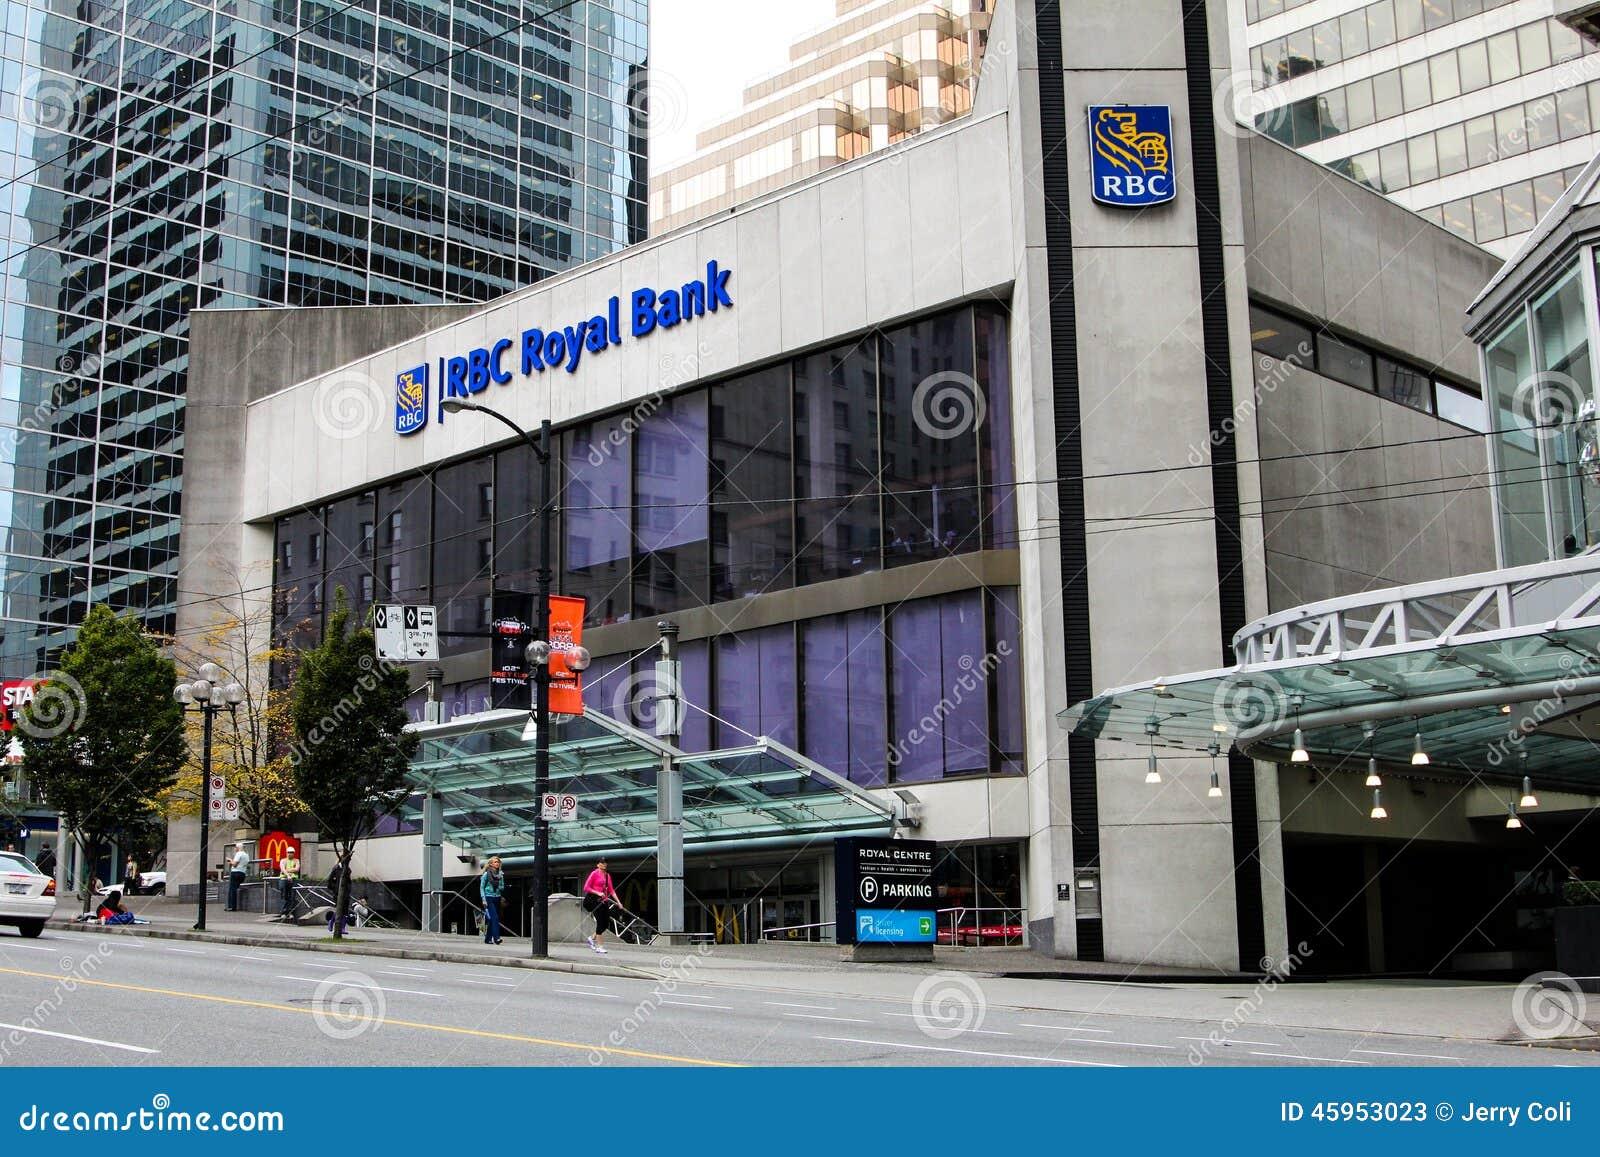 Royal bank stock options